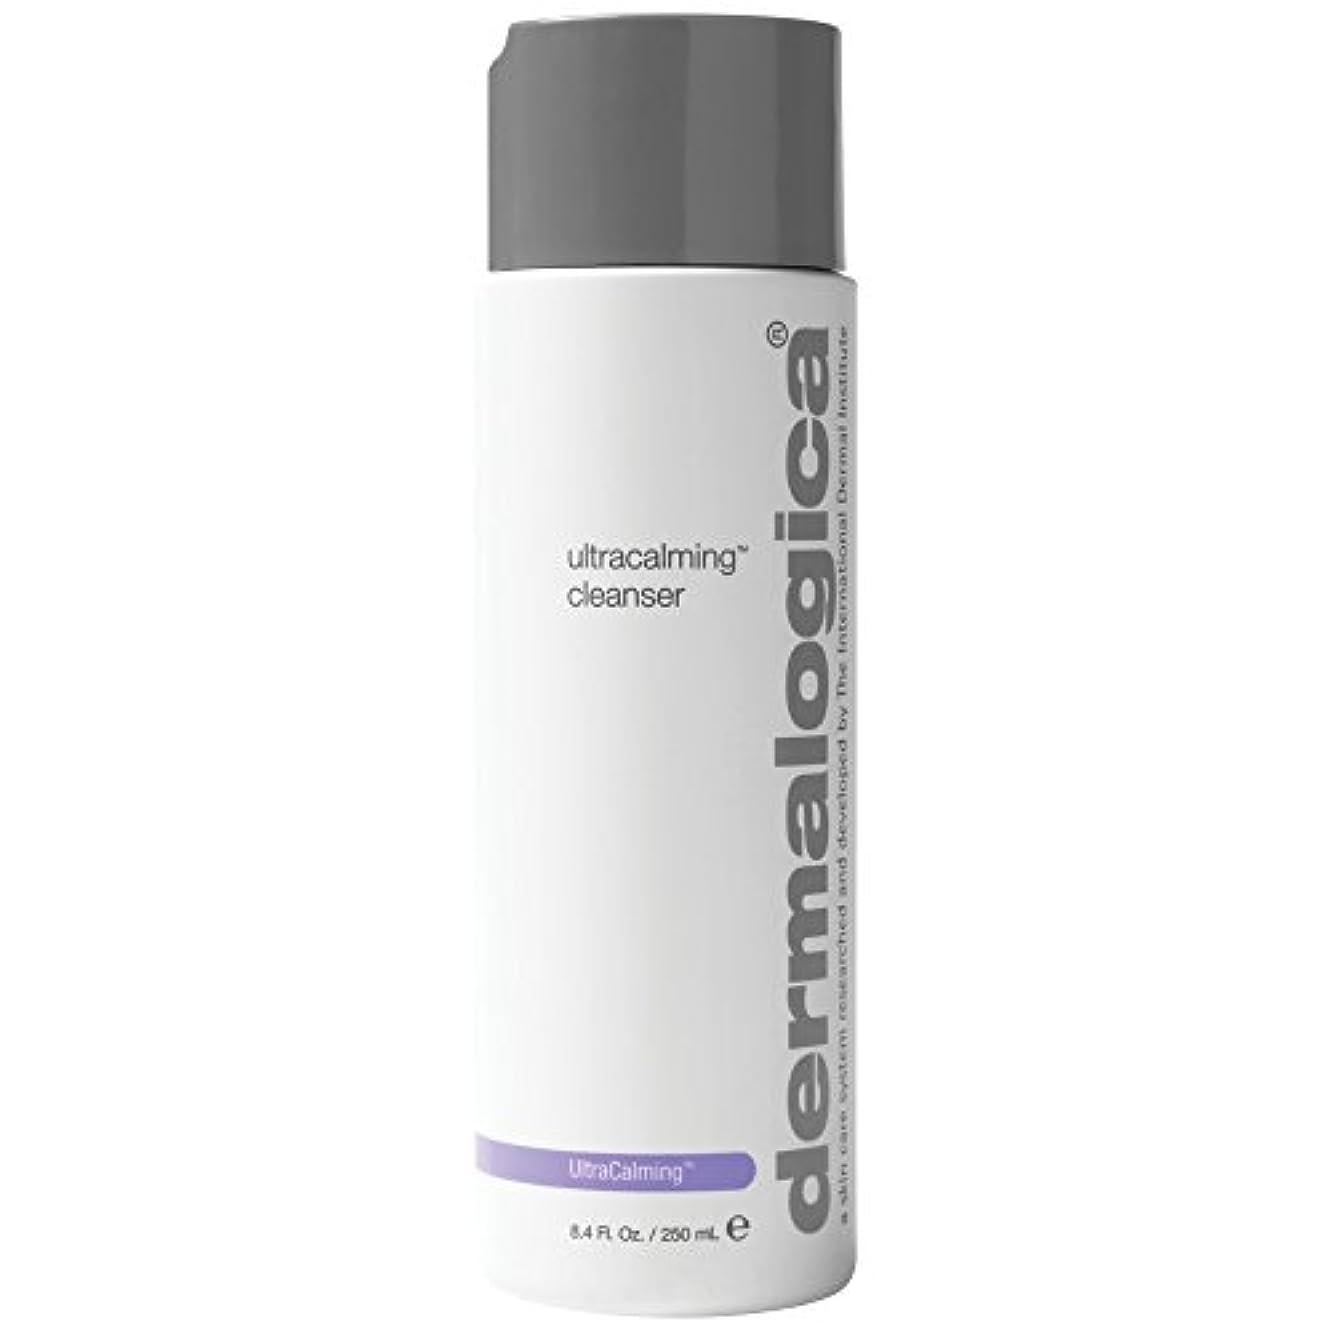 富一月むちゃくちゃダーマロジカUltracalming?クレンザーの250ミリリットル (Dermalogica) (x2) - Dermalogica UltraCalming? Cleanser 250ml (Pack of 2) [...